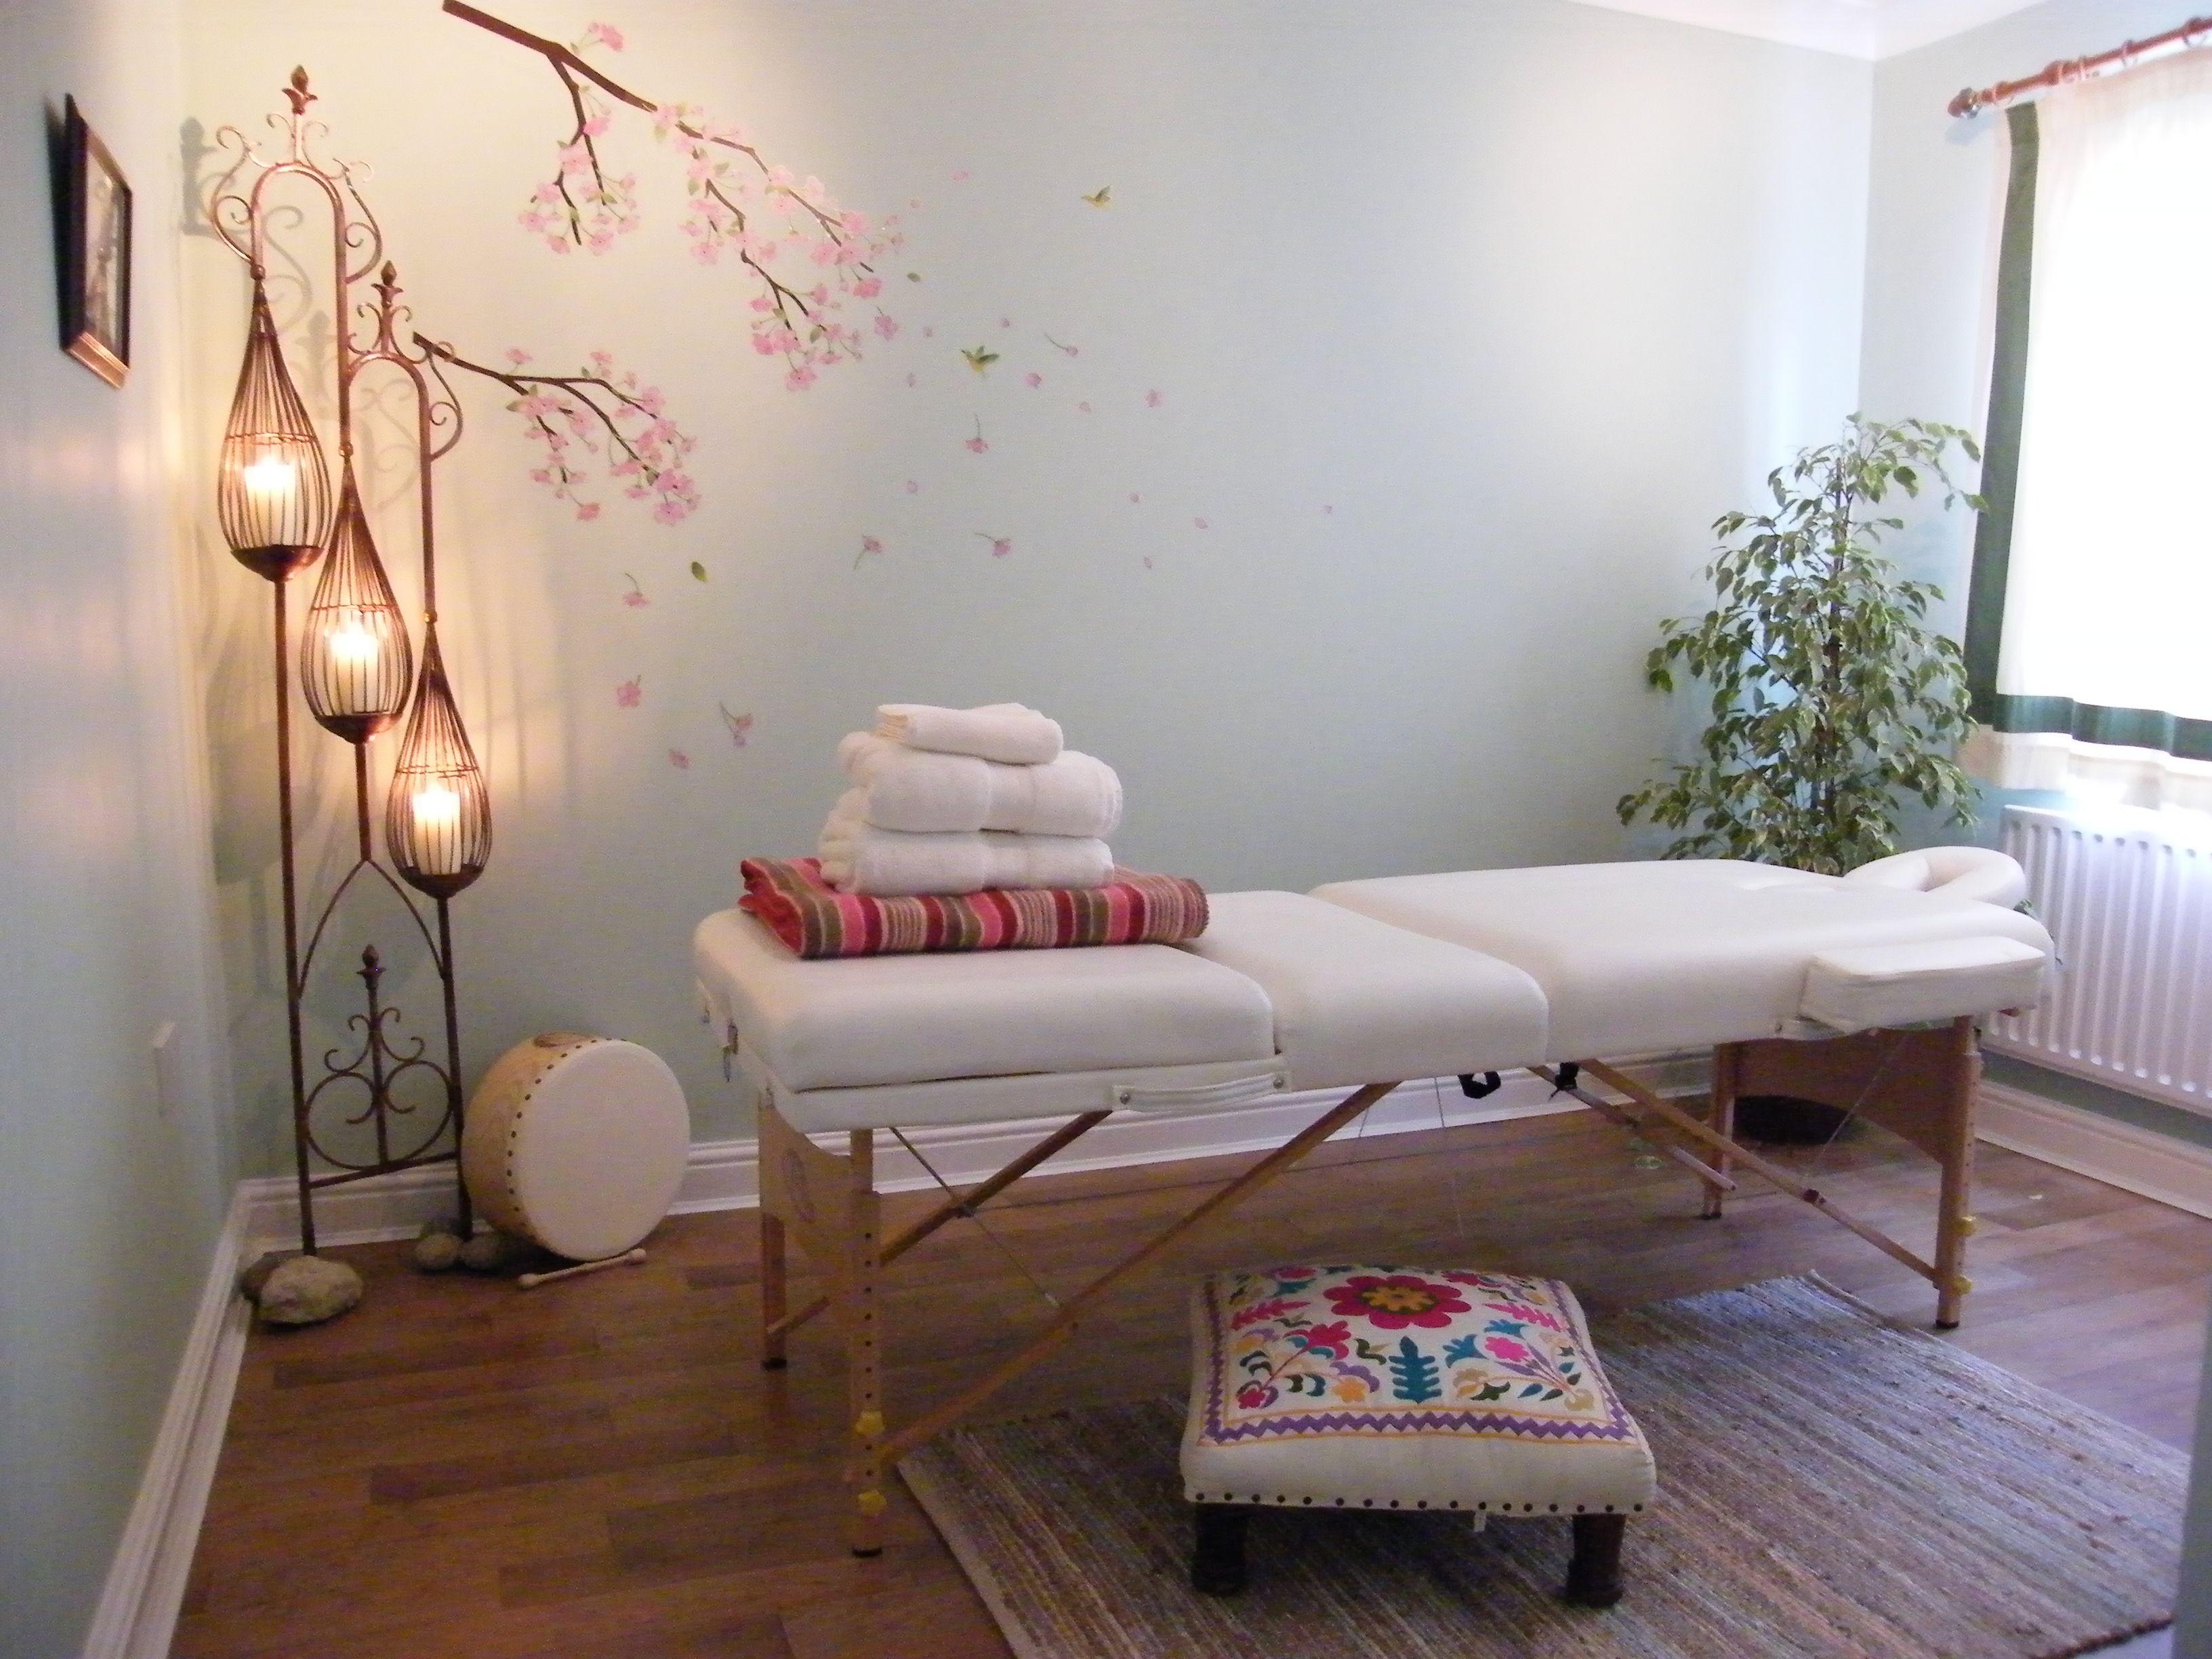 Reiki and Swedish Massage Therapy Room  Reiki and Healing